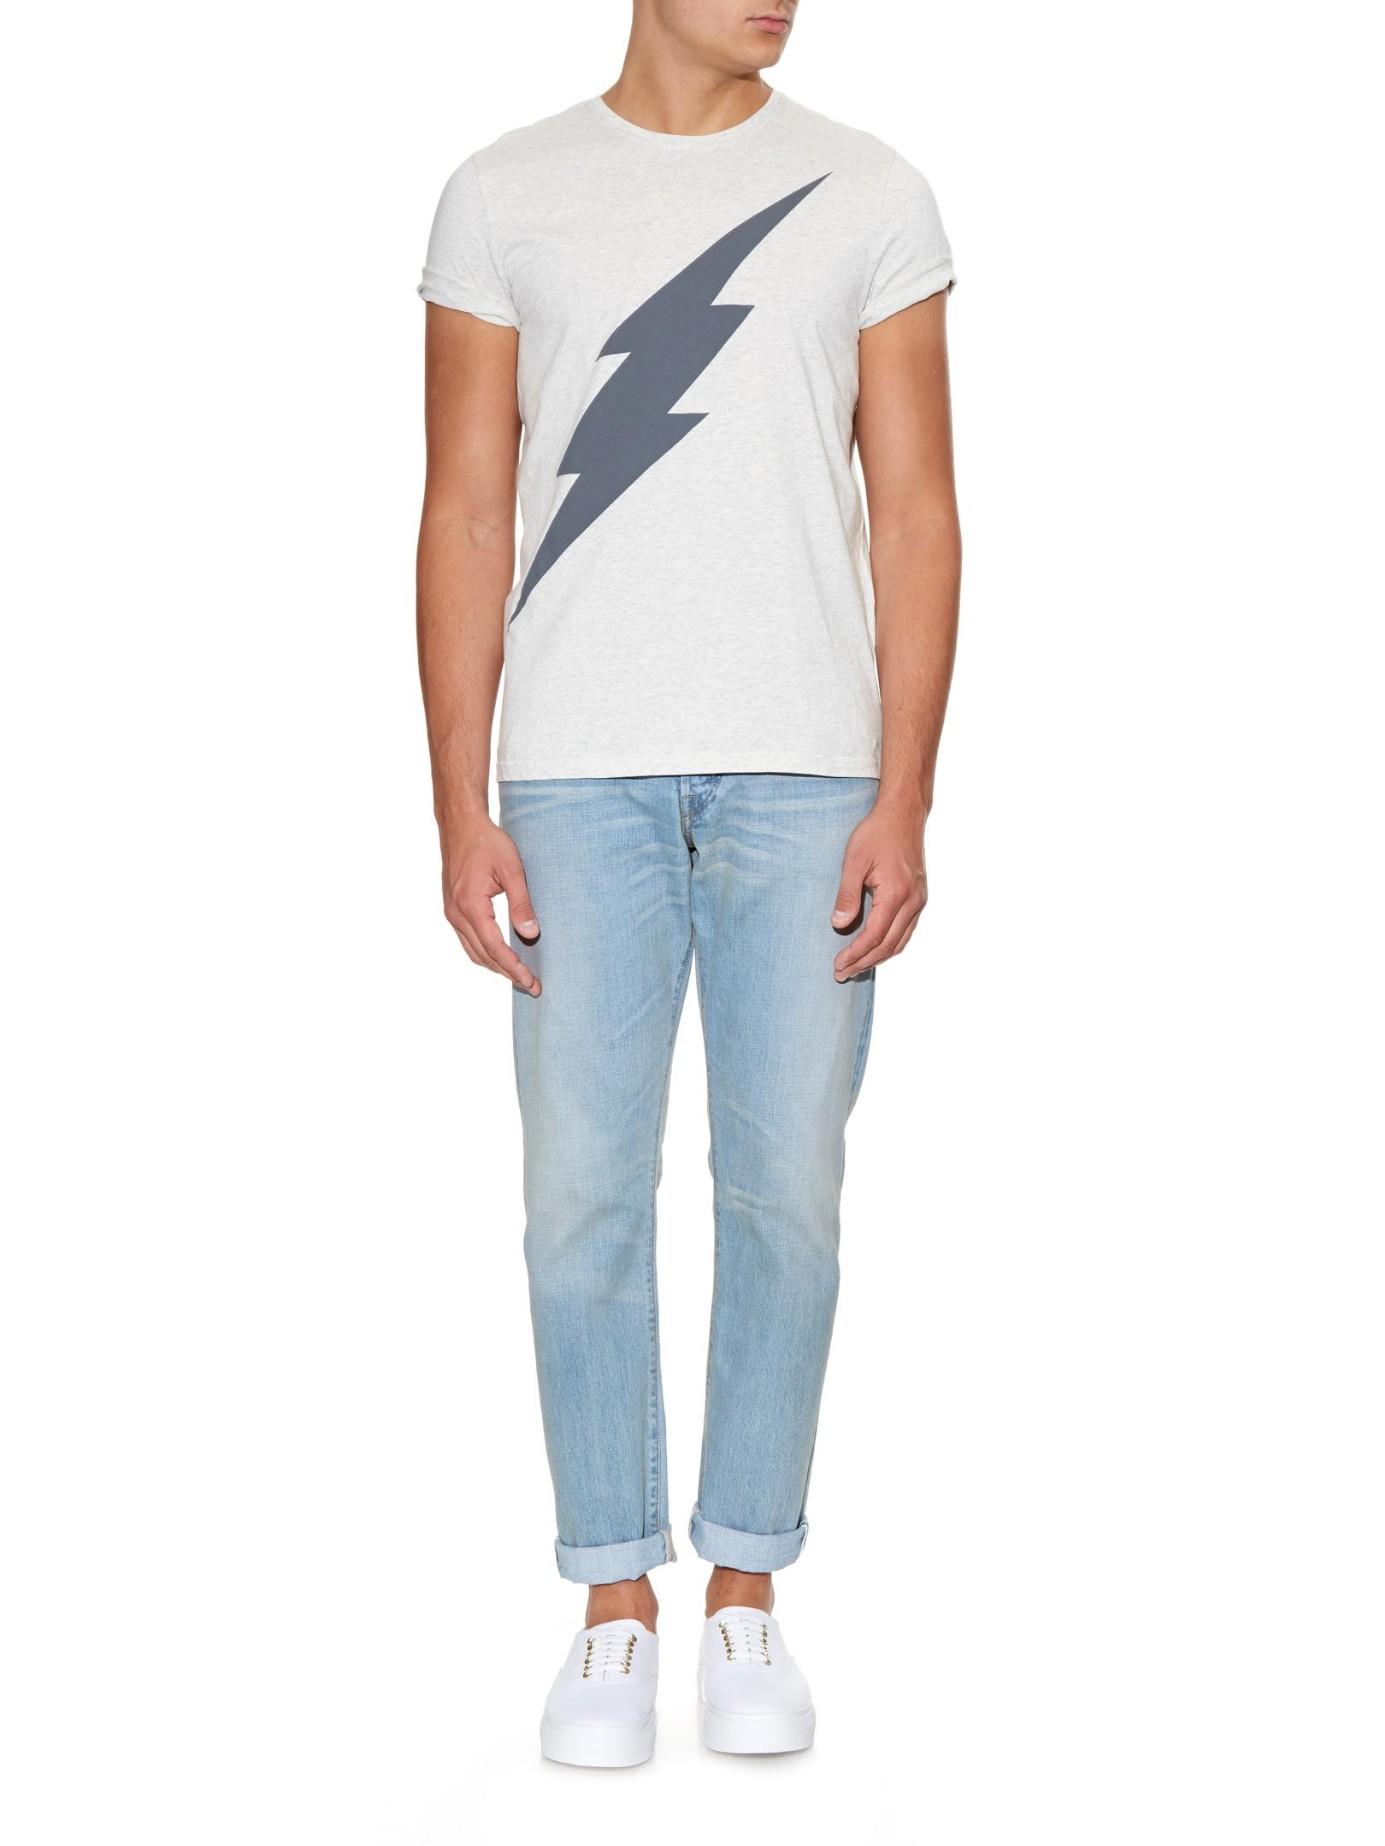 oliver spencer lightening print jersey t shirt in white. Black Bedroom Furniture Sets. Home Design Ideas